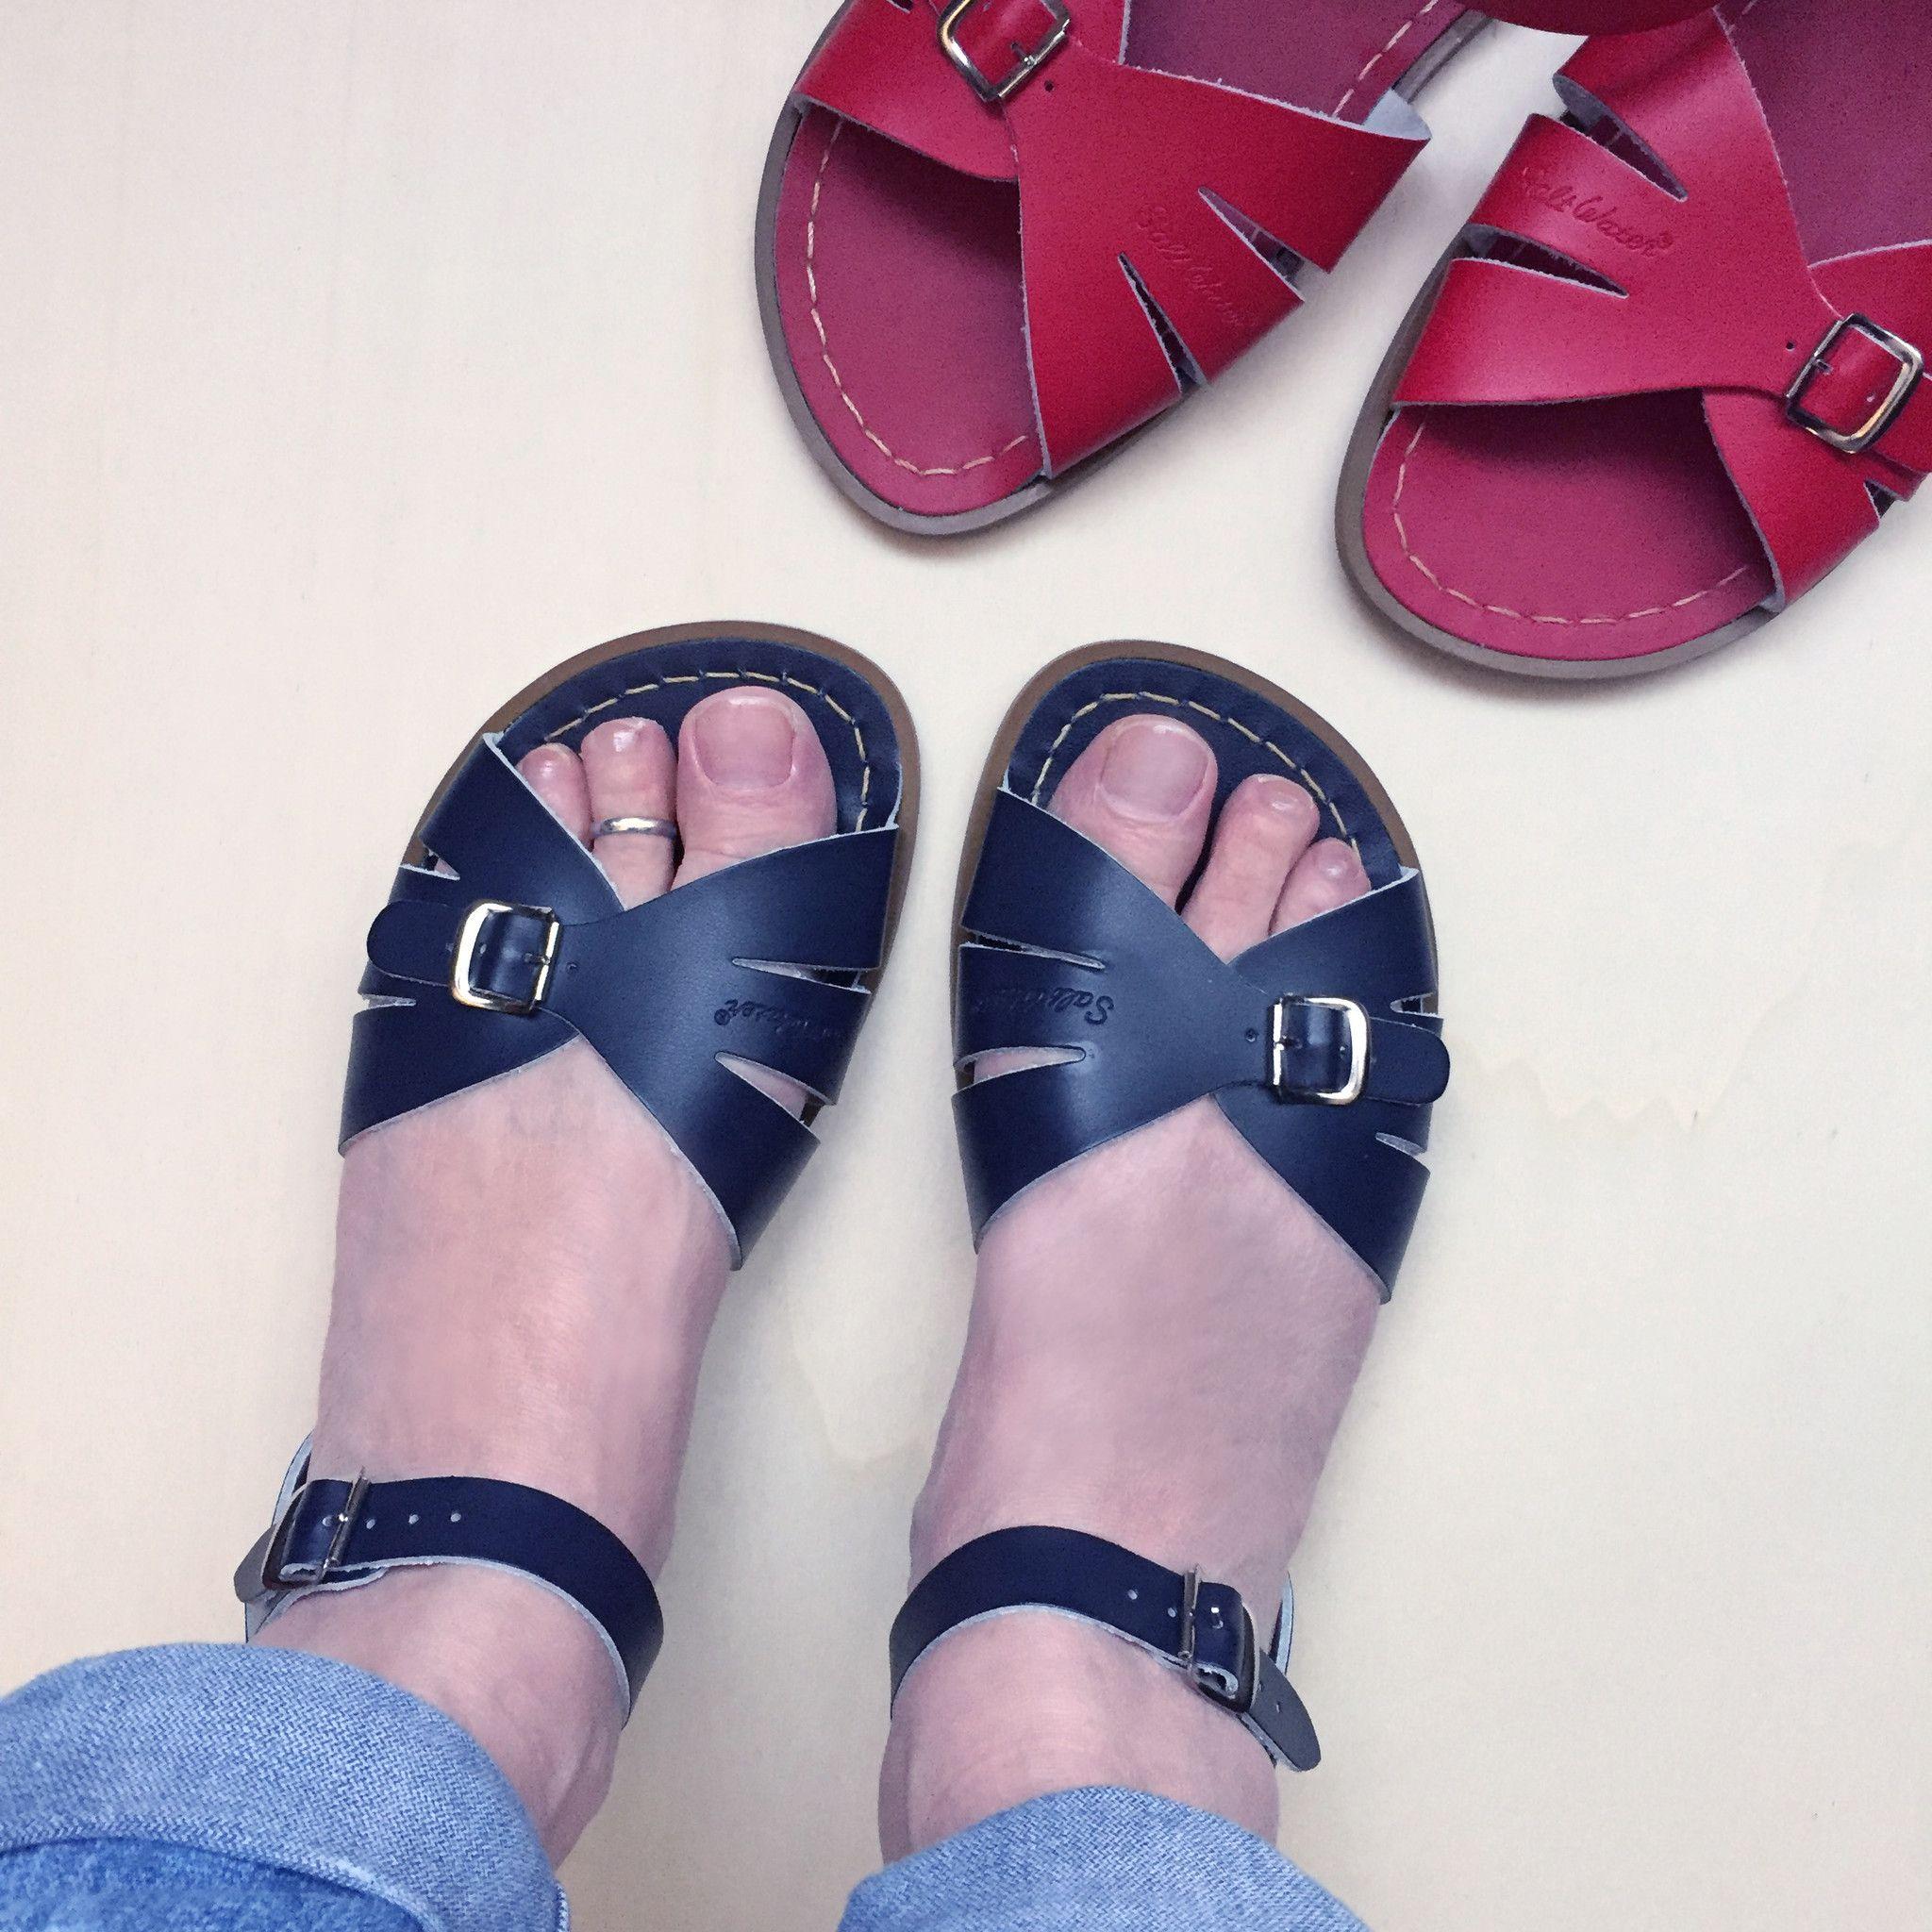 4e0d1598c4610 Salt-Water Sandals Classics Navy en Rood online verkrijgbaar bij Attic  Empire